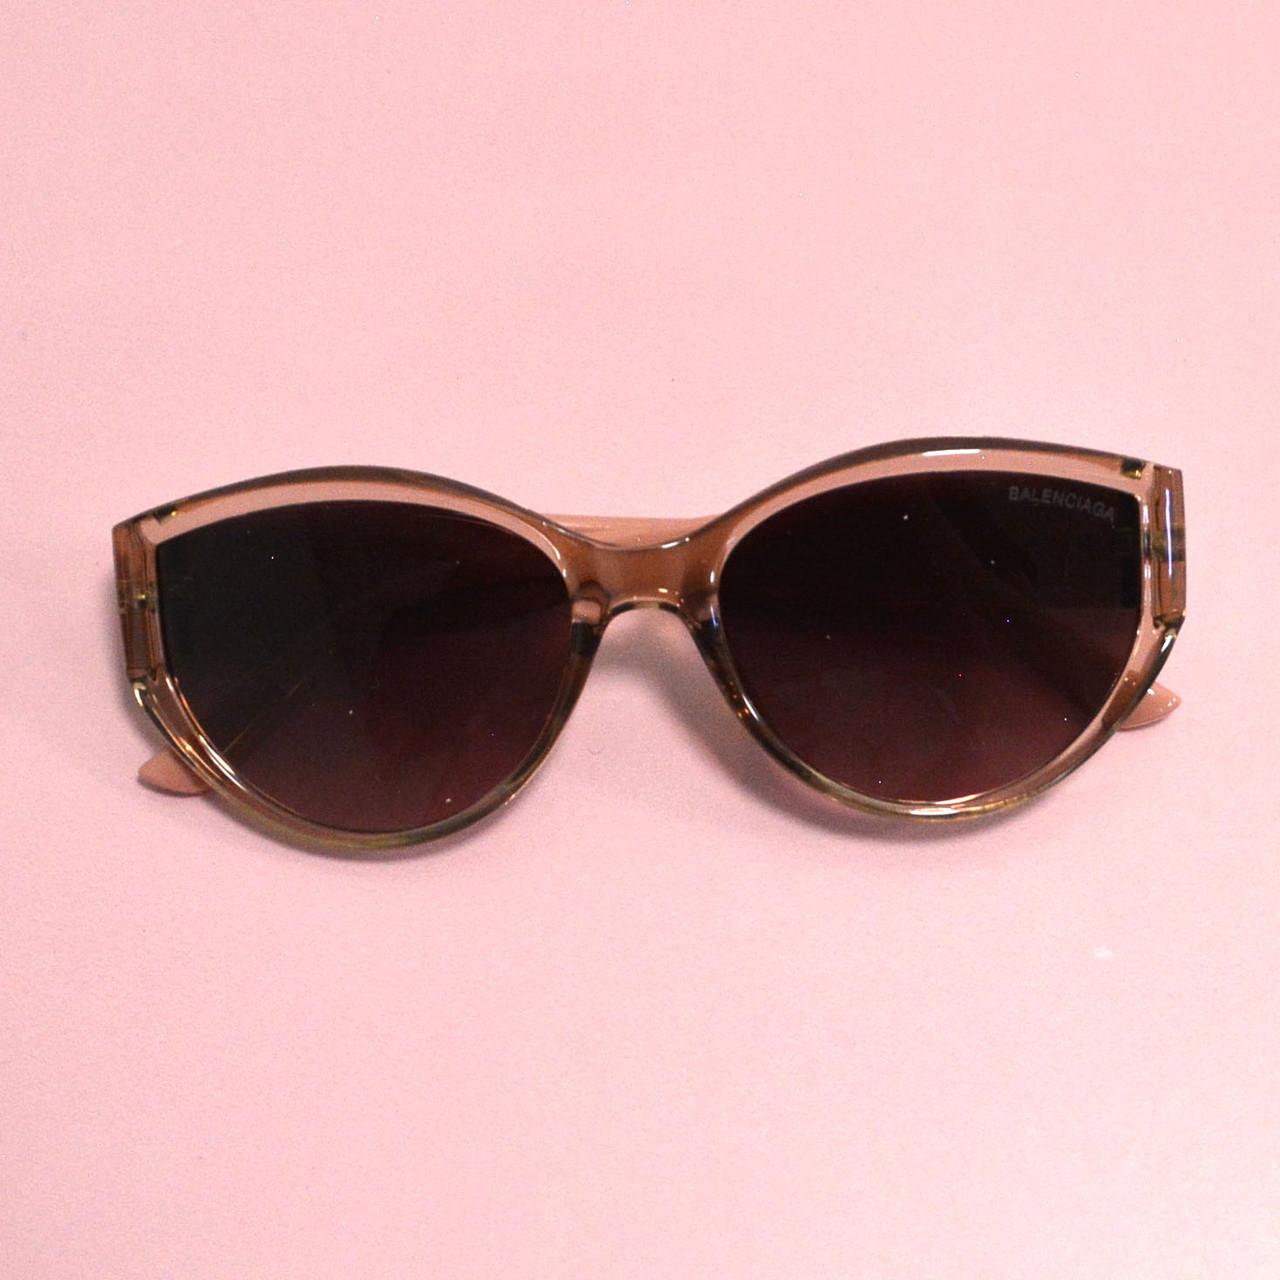 Солнцезащитные очки с коричневыми стеклами с широкой розовой дужкой Balenciaga 2125 - фото 7